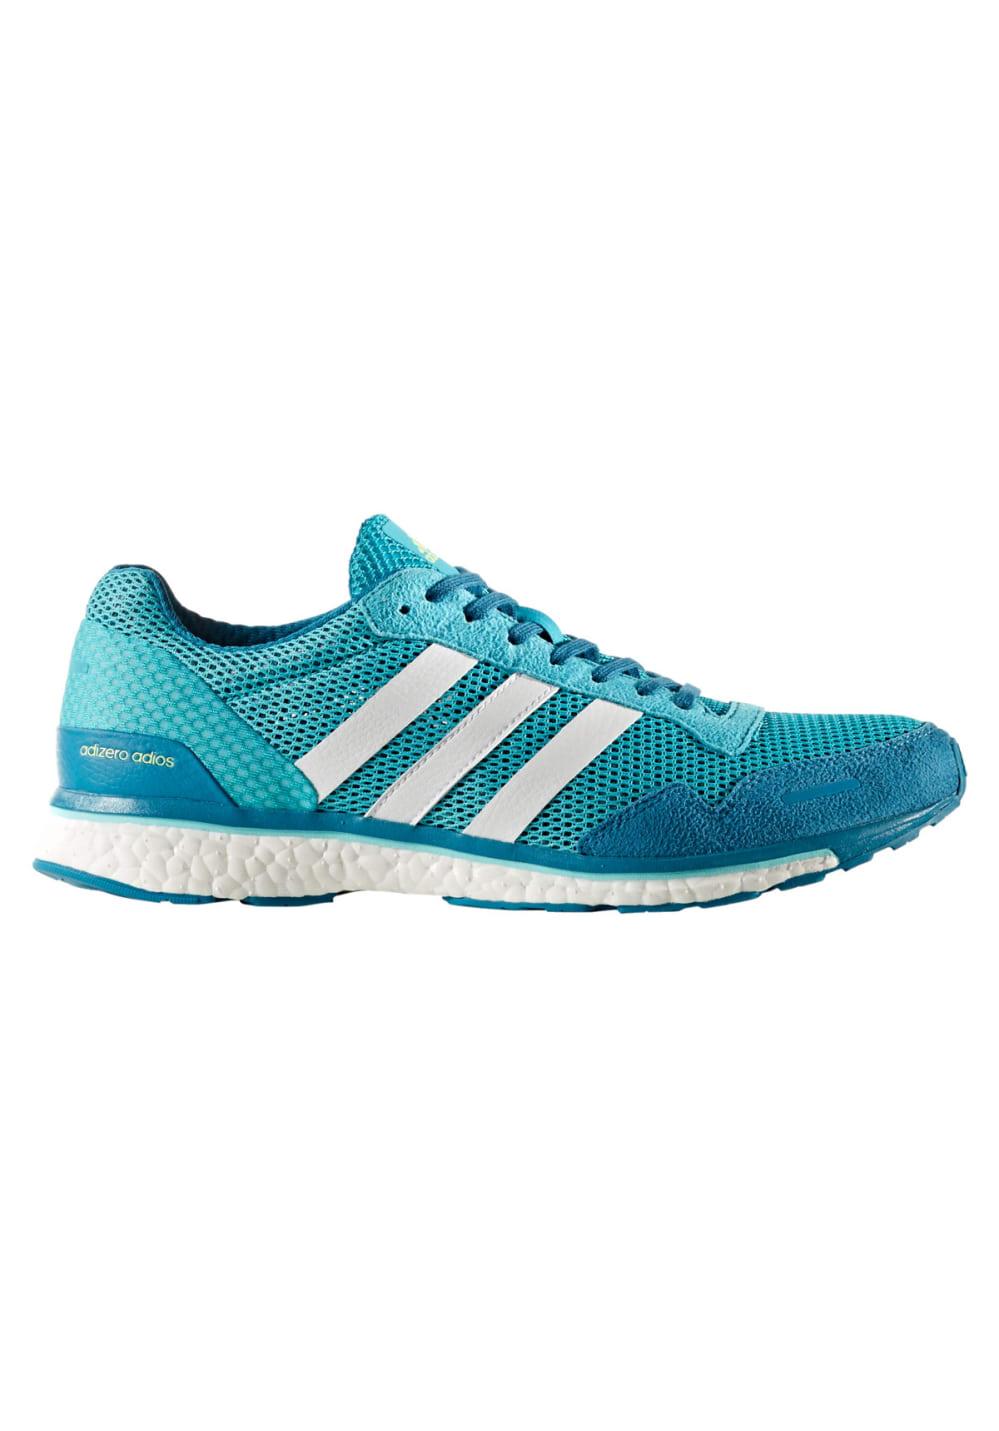 adidas adizero Adios 3 - Laufschuhe für Herren - Blau